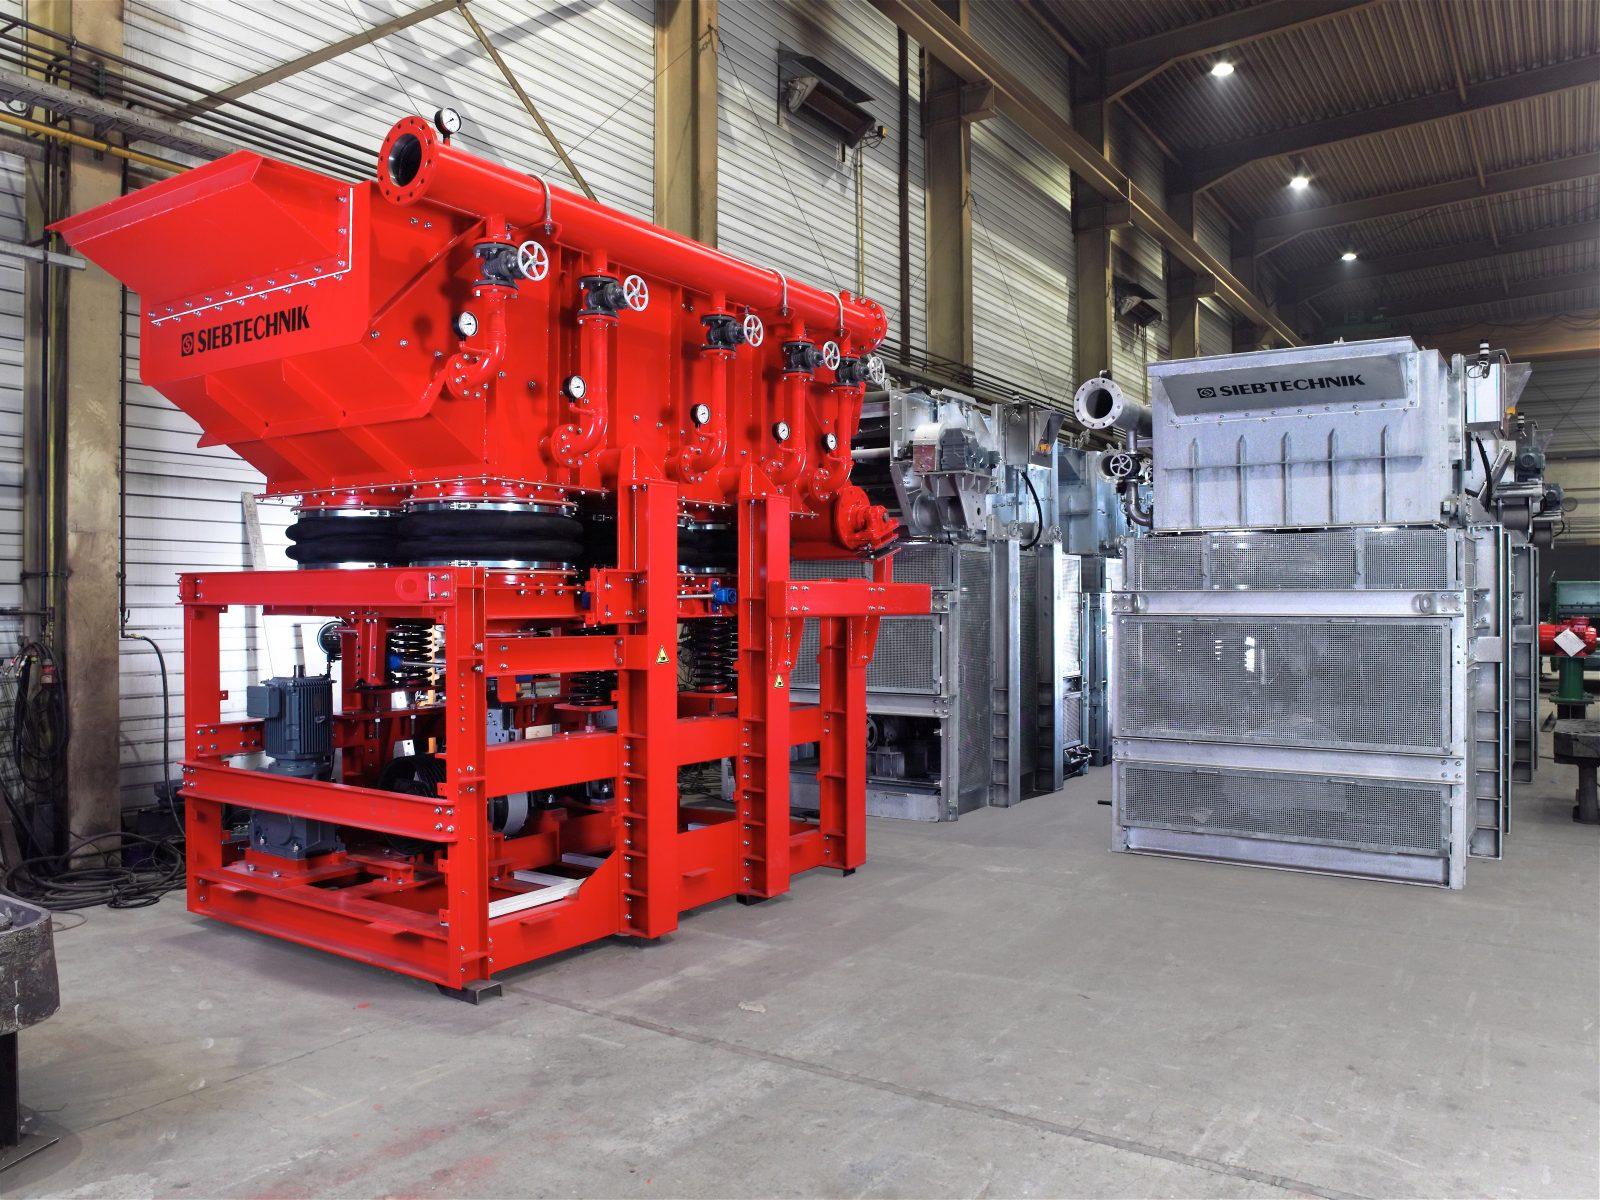 Schwingsetzmaschine SK 16-25 (verzinkt) für Kies & Schwingsetzmaschine SK 16-33 für Erz